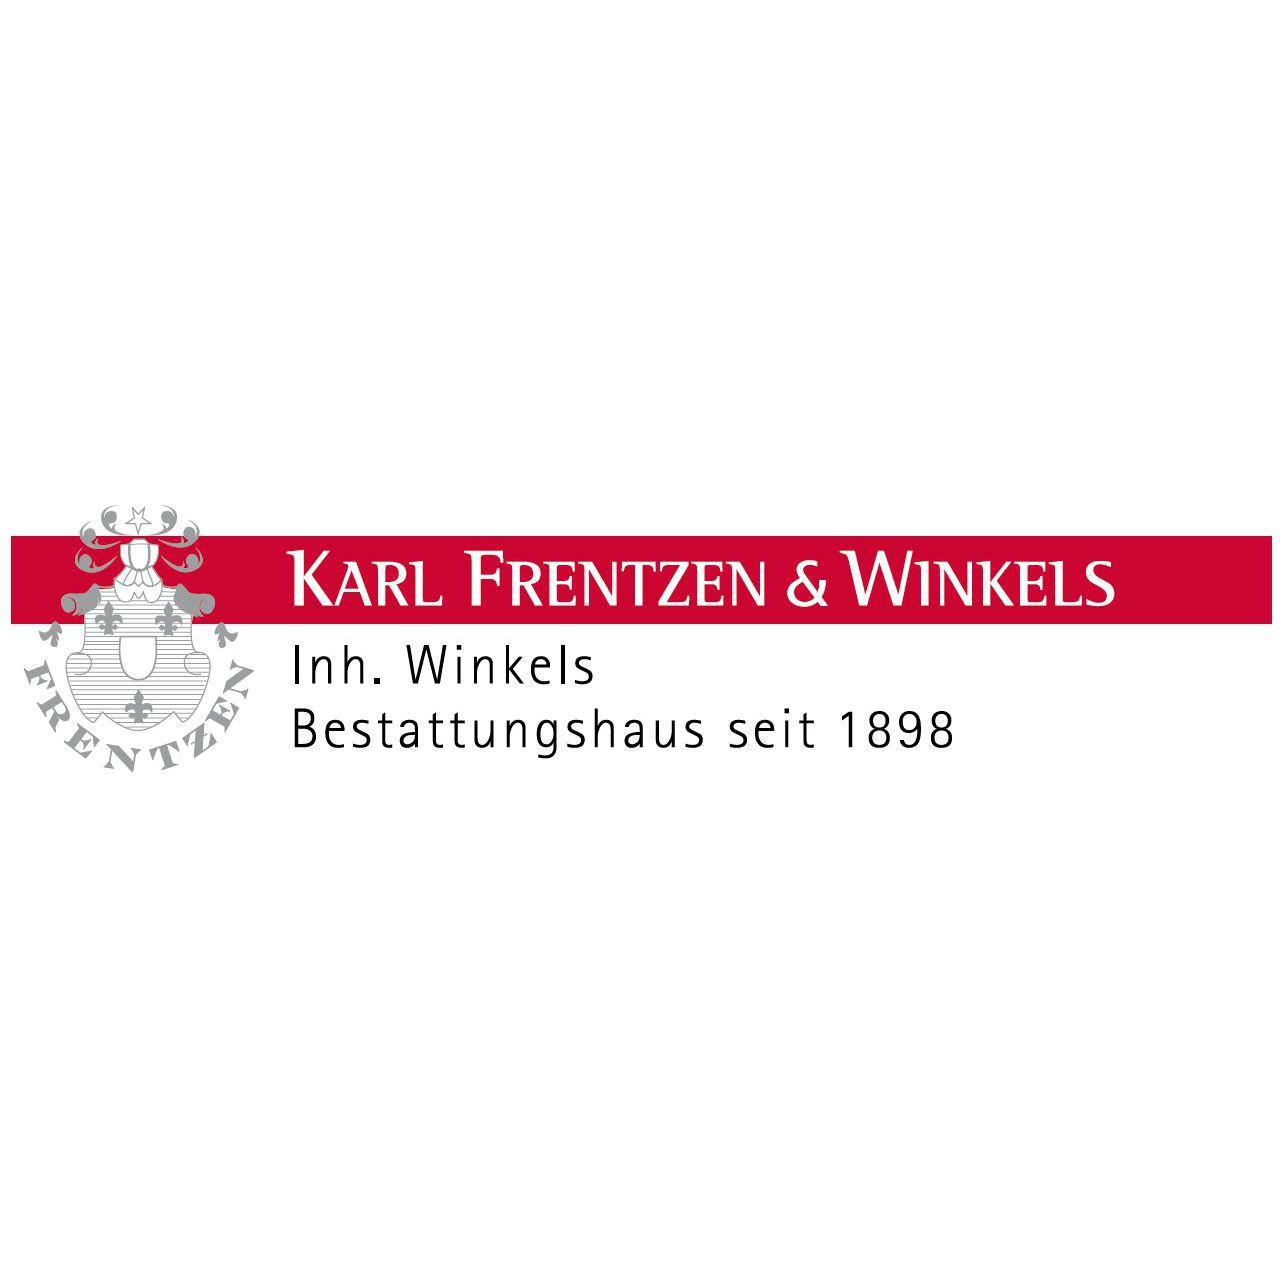 Bild zu Bestattungshaus Karl Frentzen & Winkels Inh. Ilona Winkels e.K. in Mönchengladbach